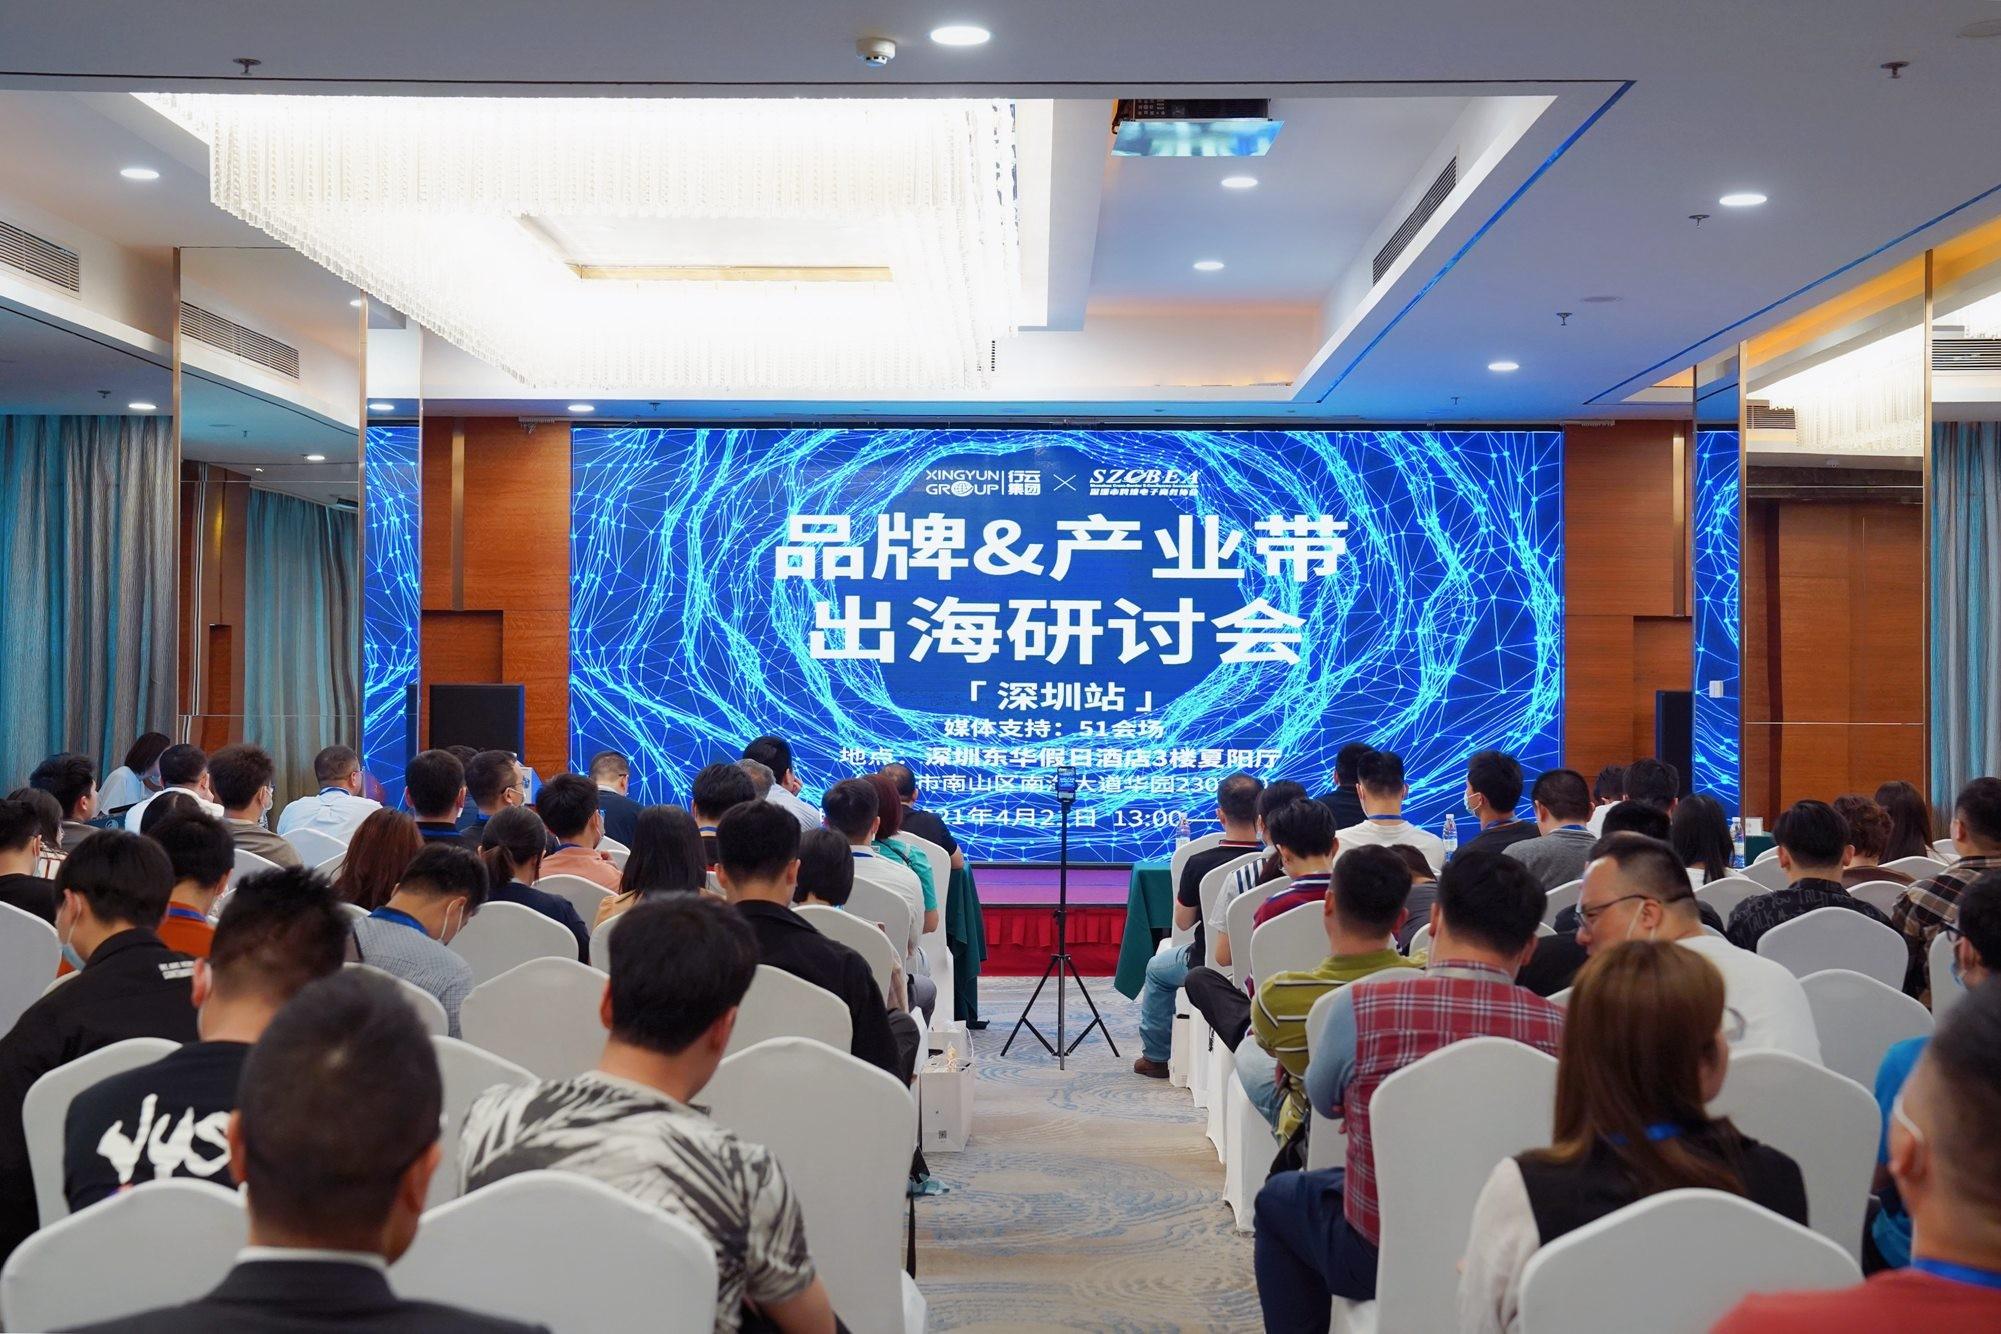 打造品牌出海之路,2021品牌&产业带出海研讨会【深圳站】圆满召开